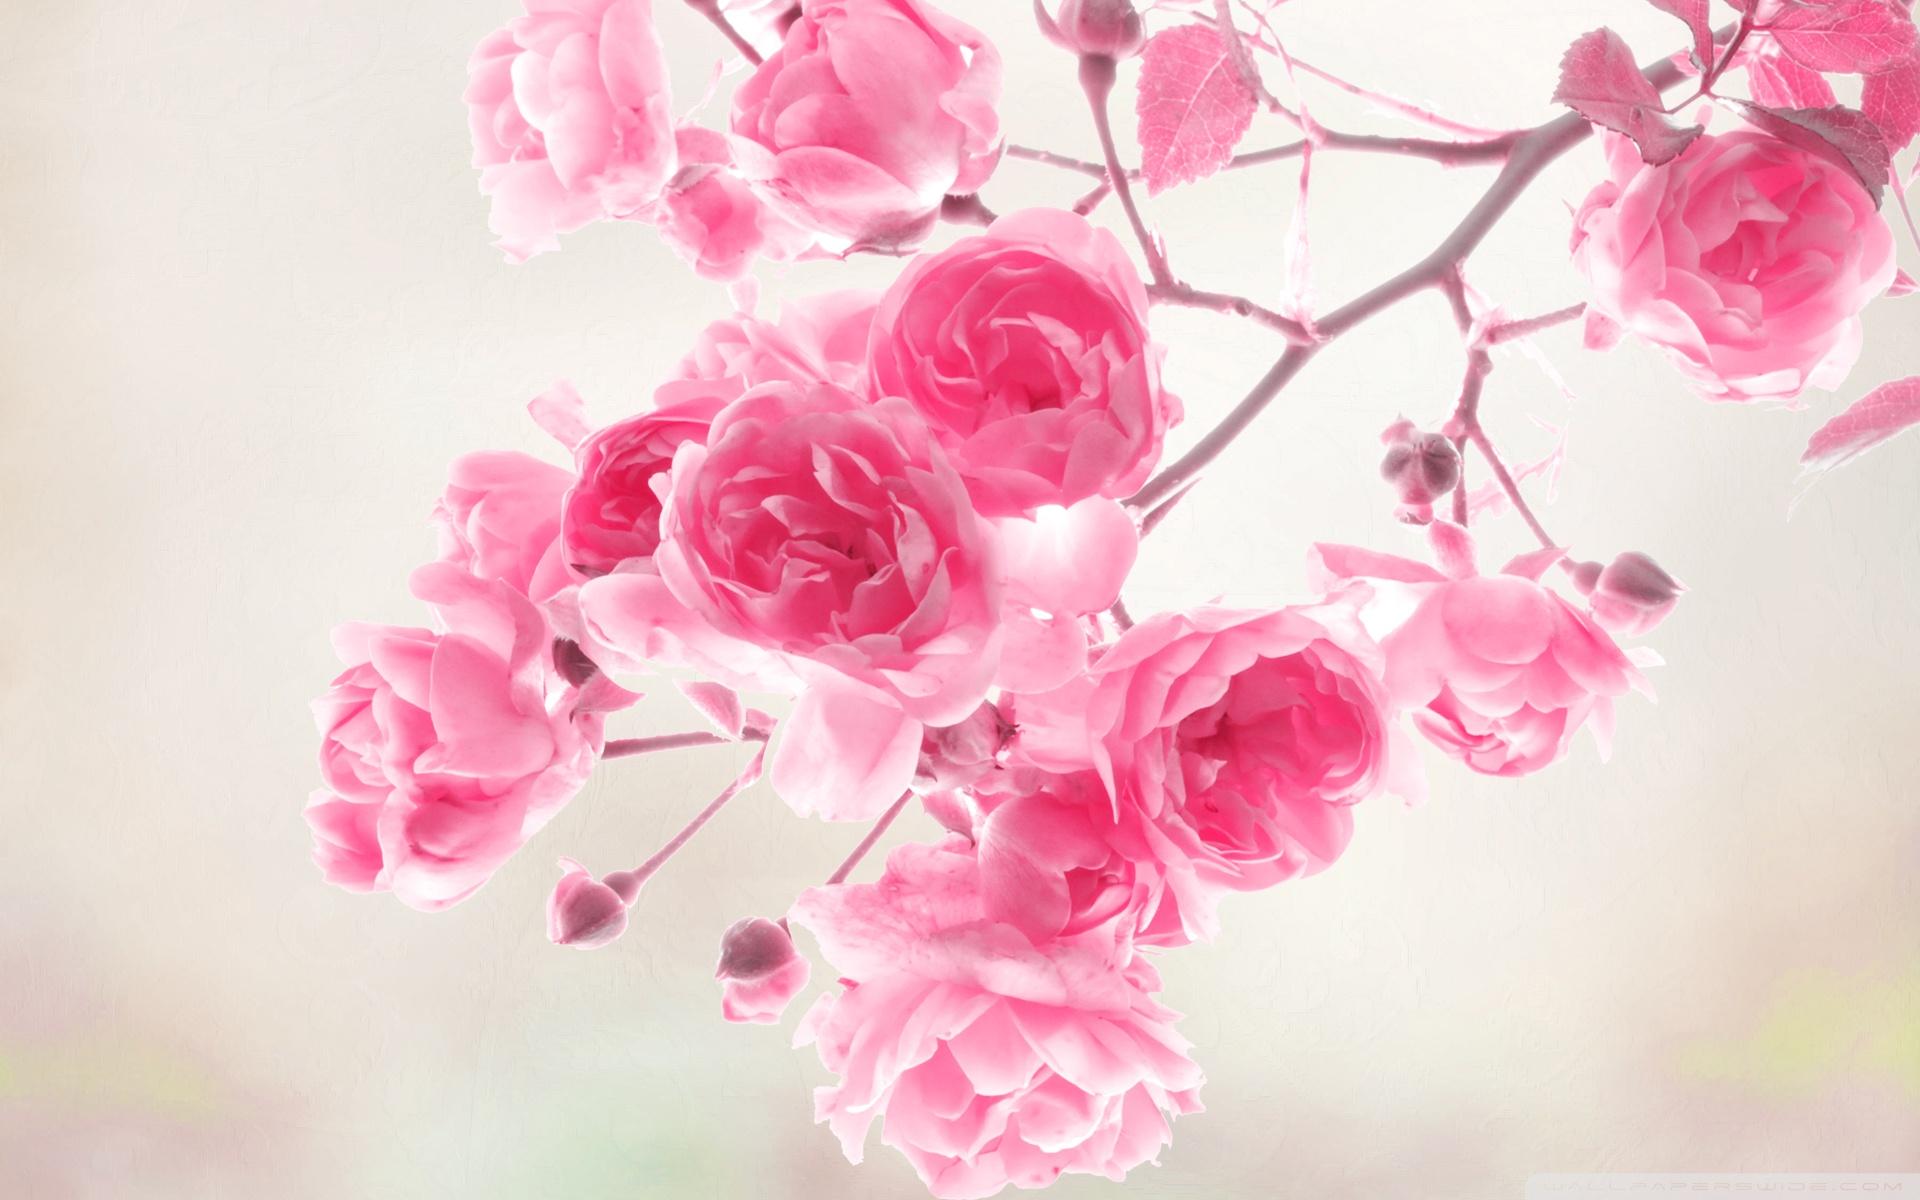 pink rose wallpaper nice